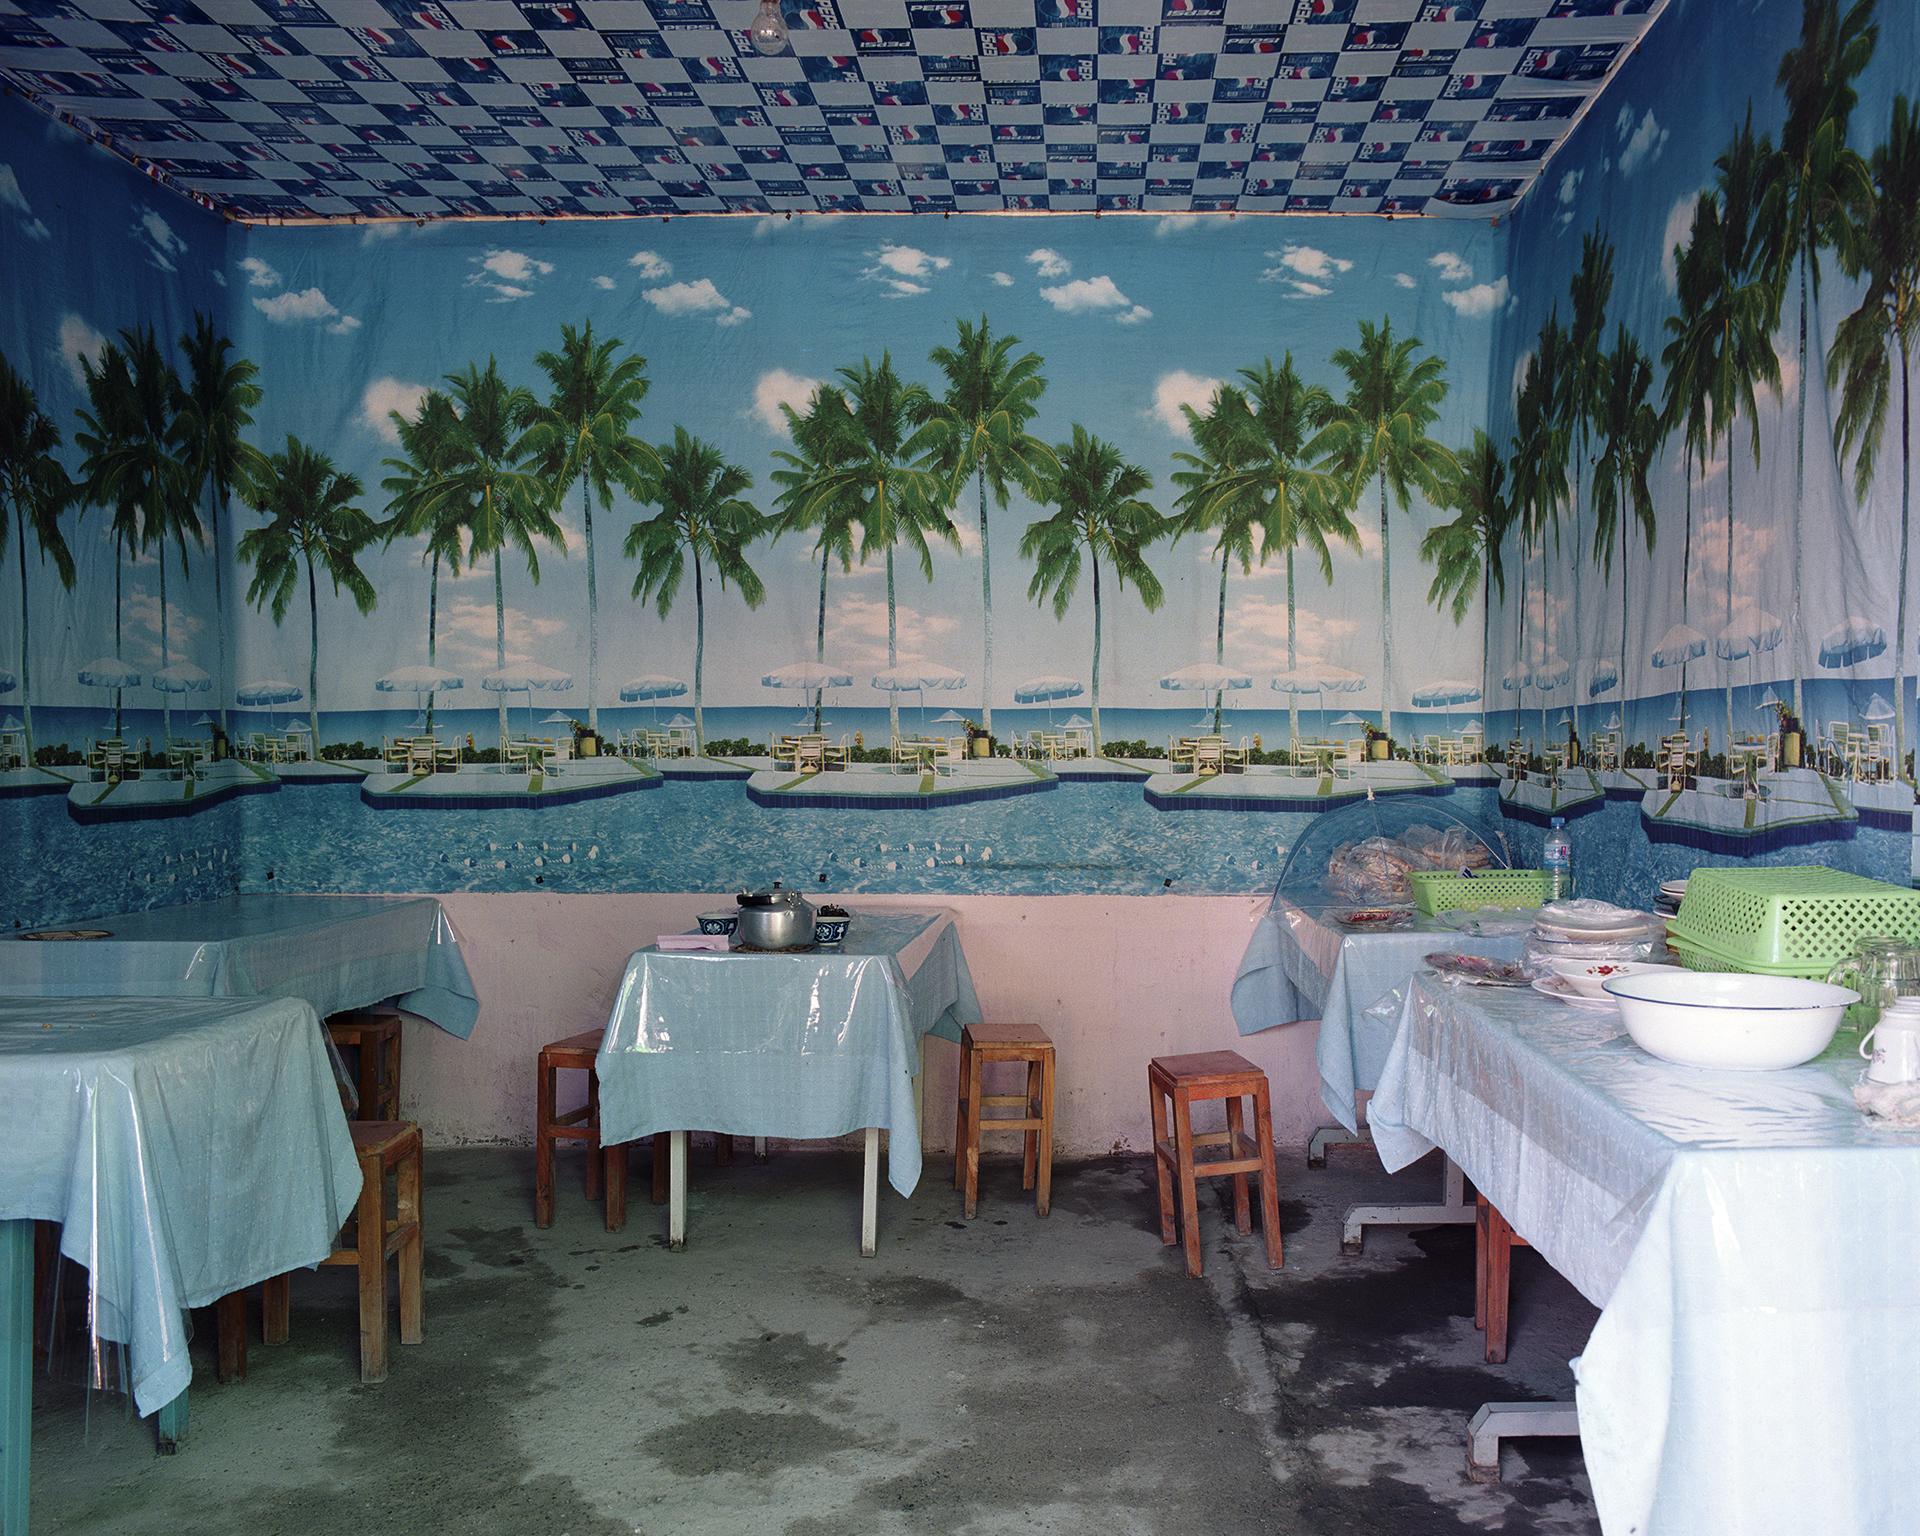 2007 Xinjiang - Yining Palm Beach Restaurant.